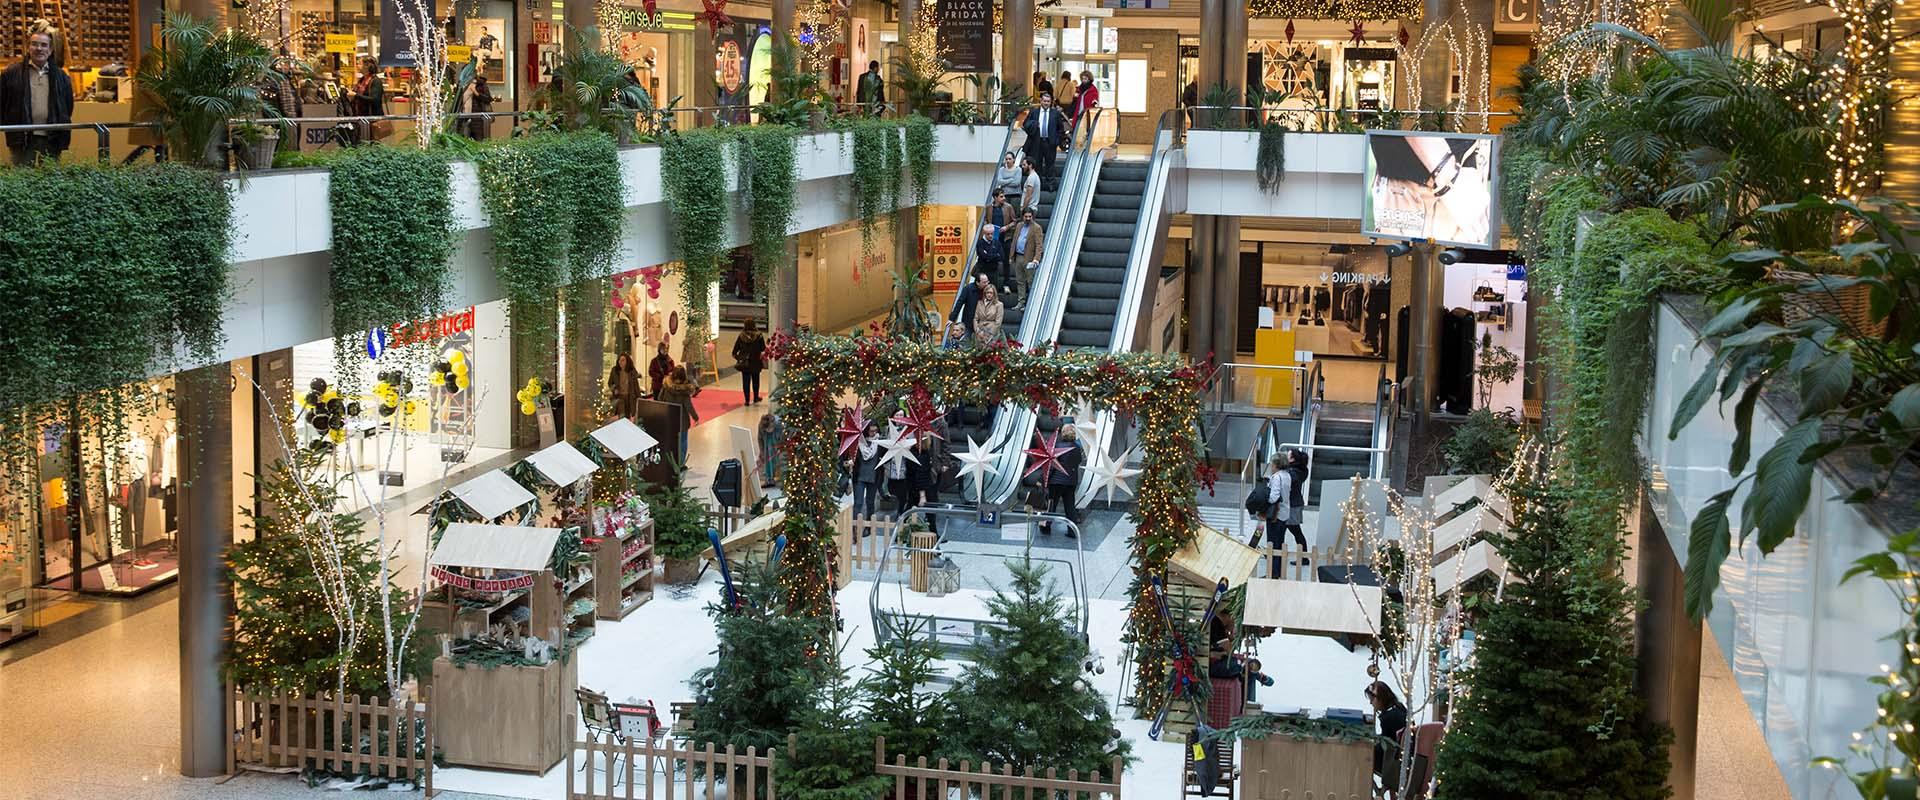 Home moda shopping - Centro comercial moda shoping ...